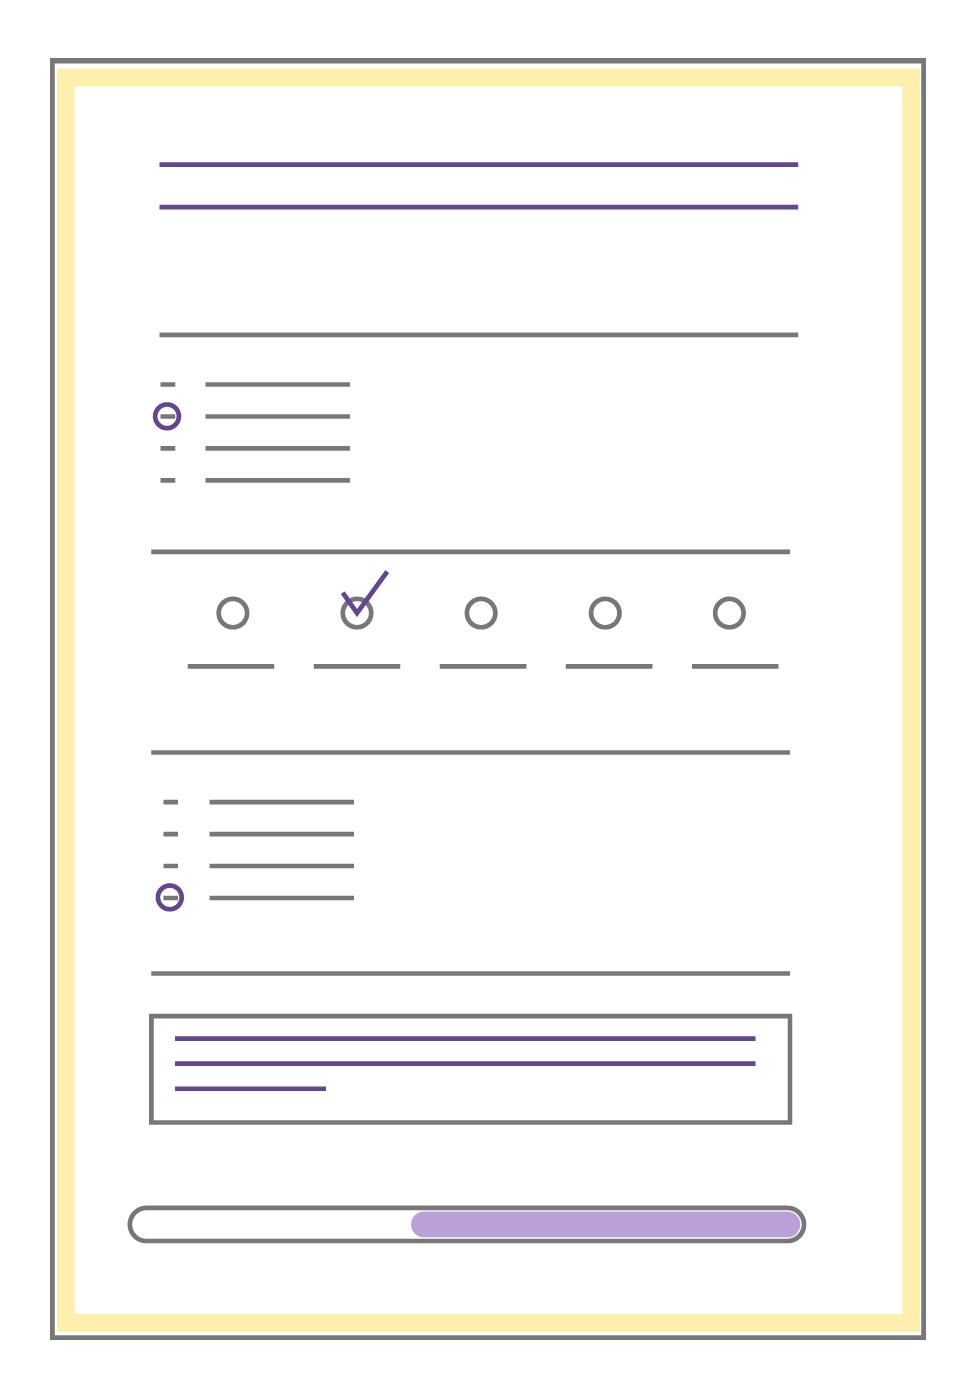 Sondage, questionnaire en ligne